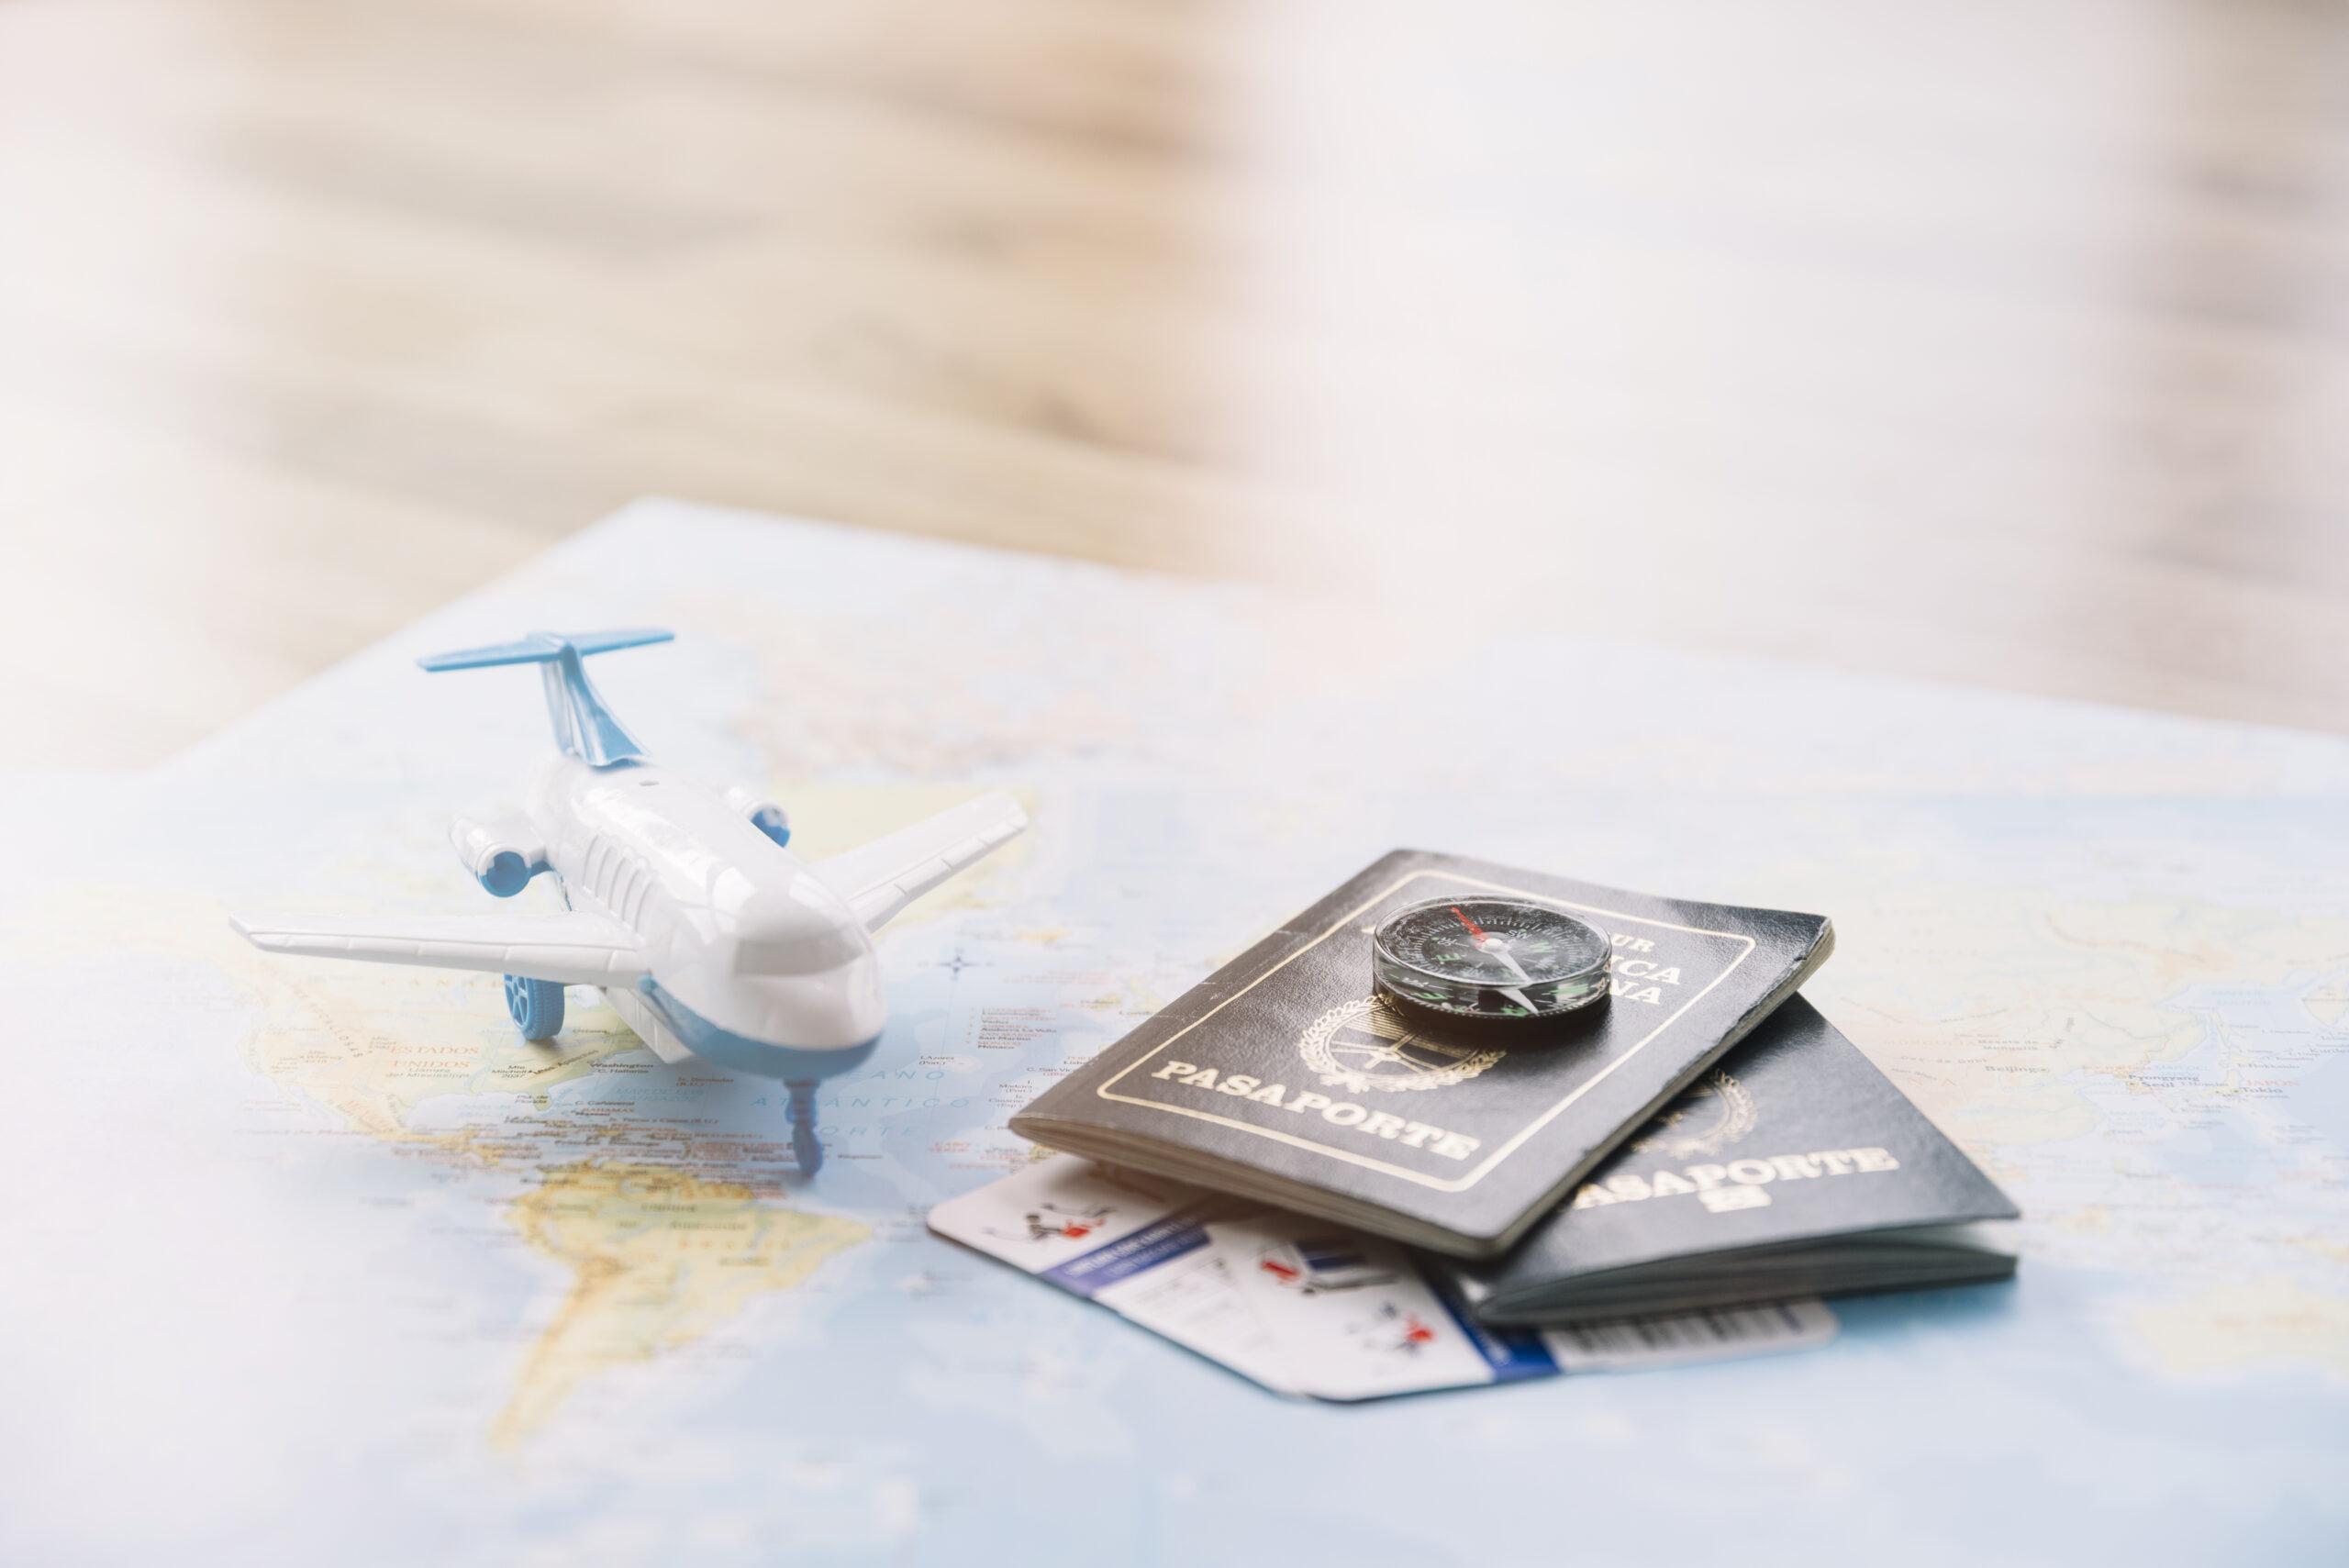 Passaportes ao lado de miniatura de avião e de mapa-mundi: saiba quais países aceitam cidadania por casamento